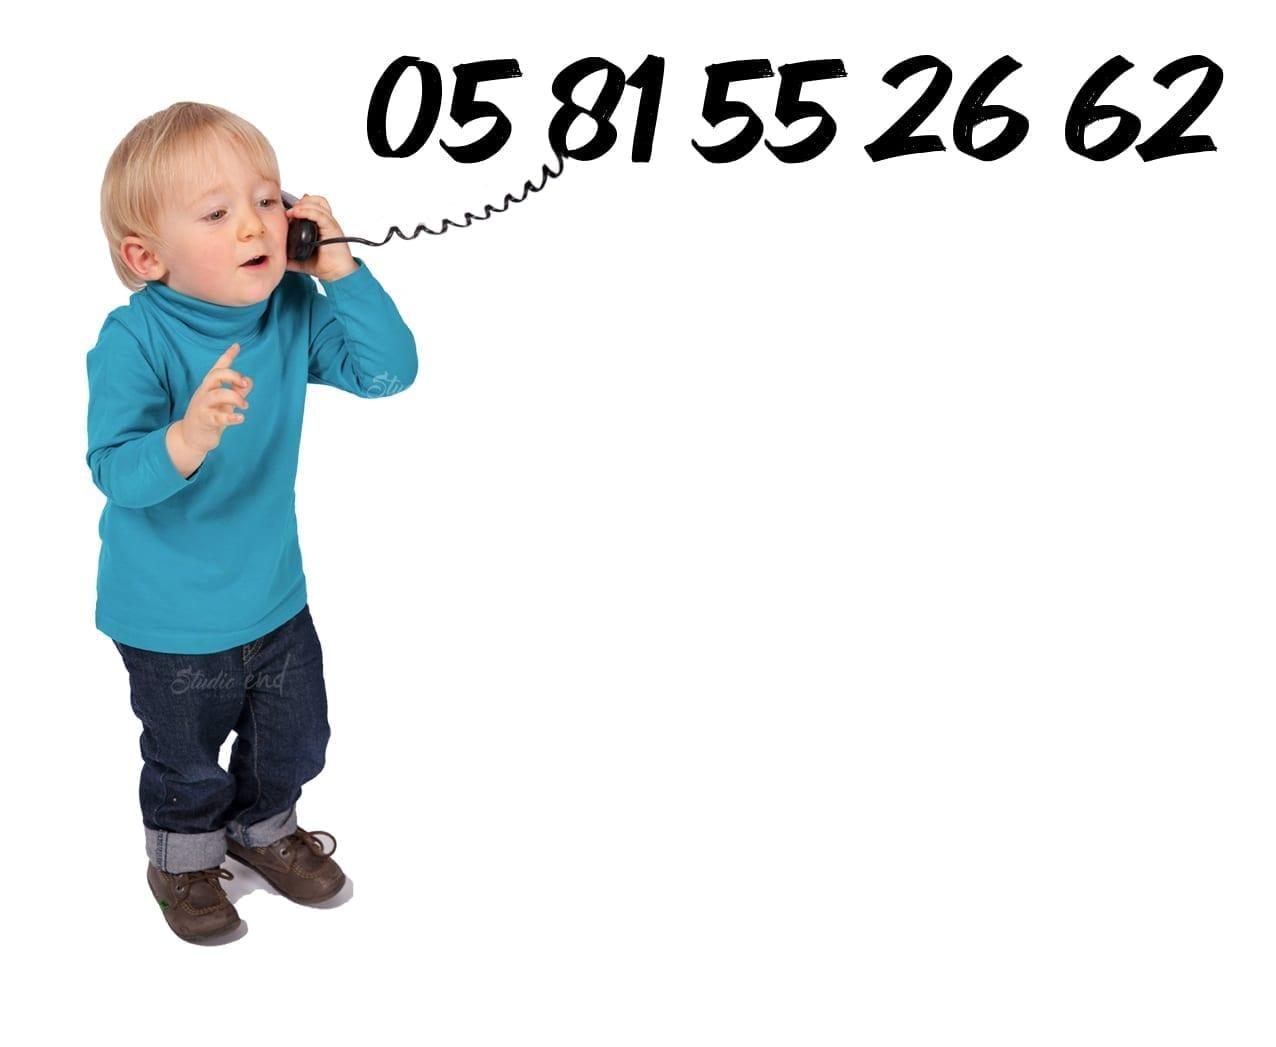 Numéro de téléphone du Studio End à Naucelle en Aveyron